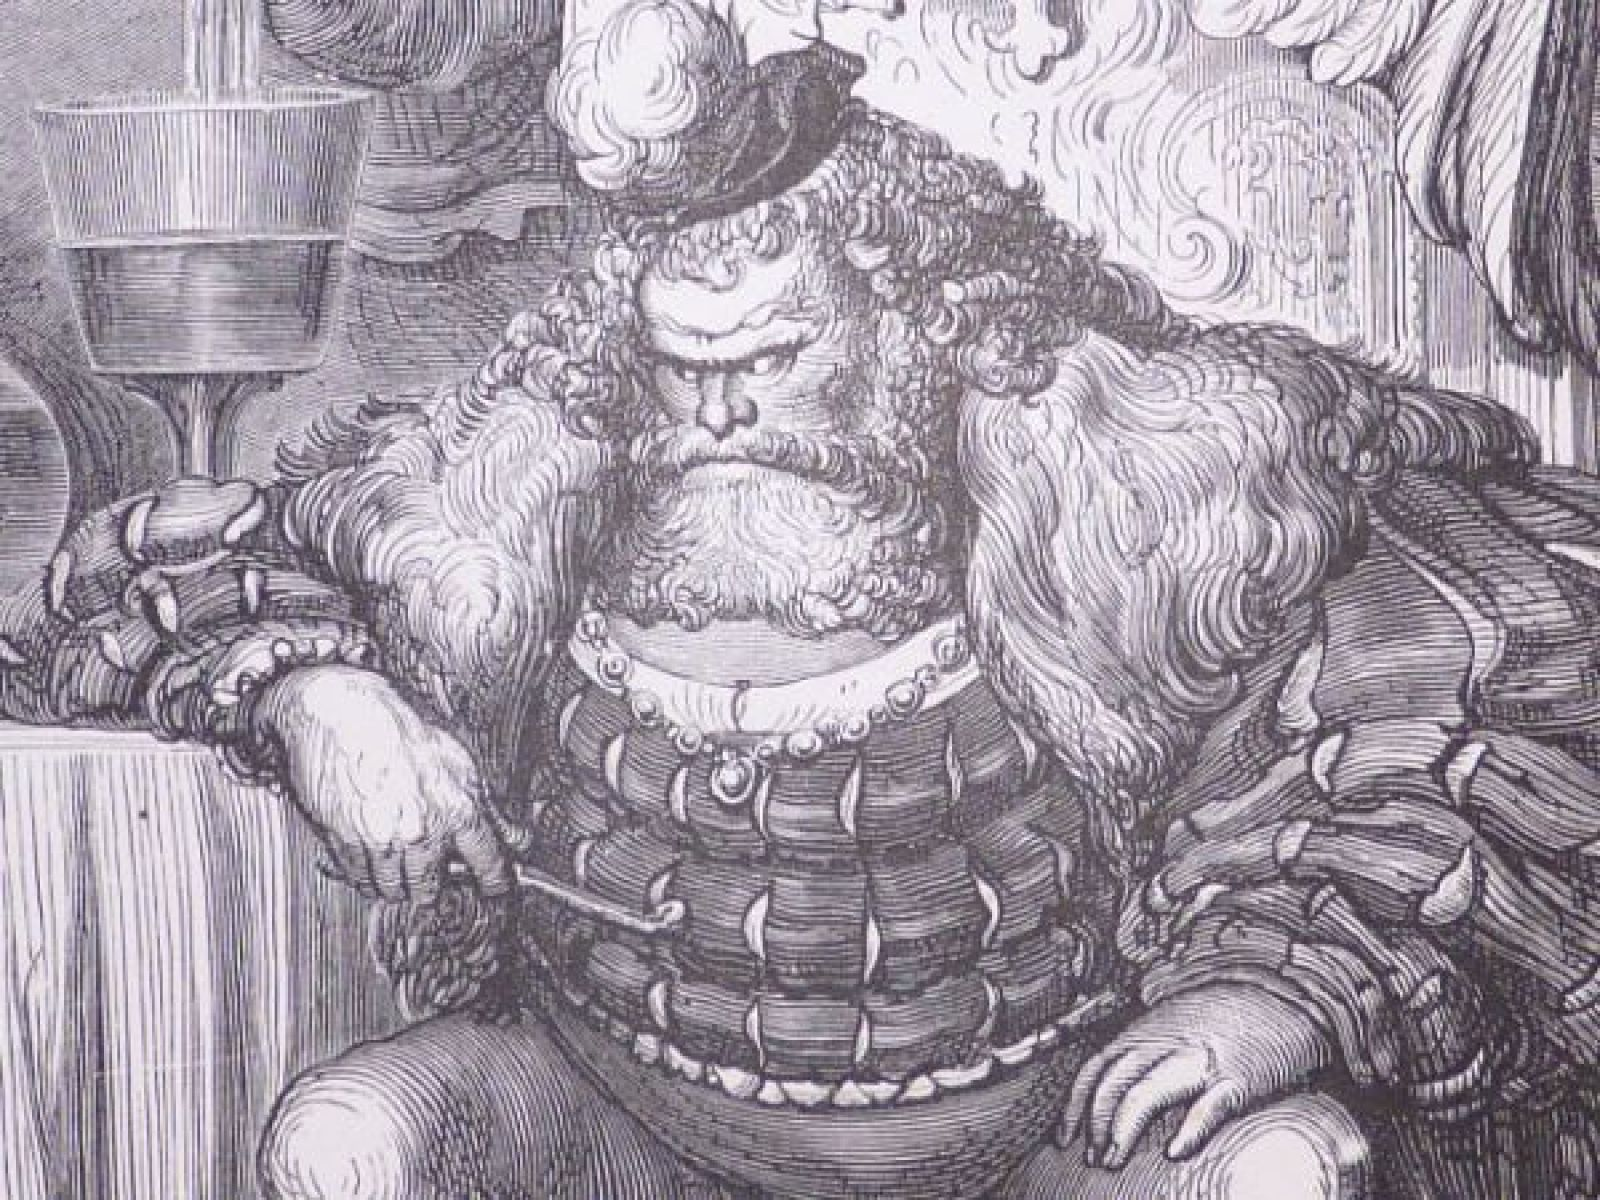 Dore charles perrault contes le chat bott chez l 39 ogre gravure originale sur bois de fil - Dessin du chat botte ...